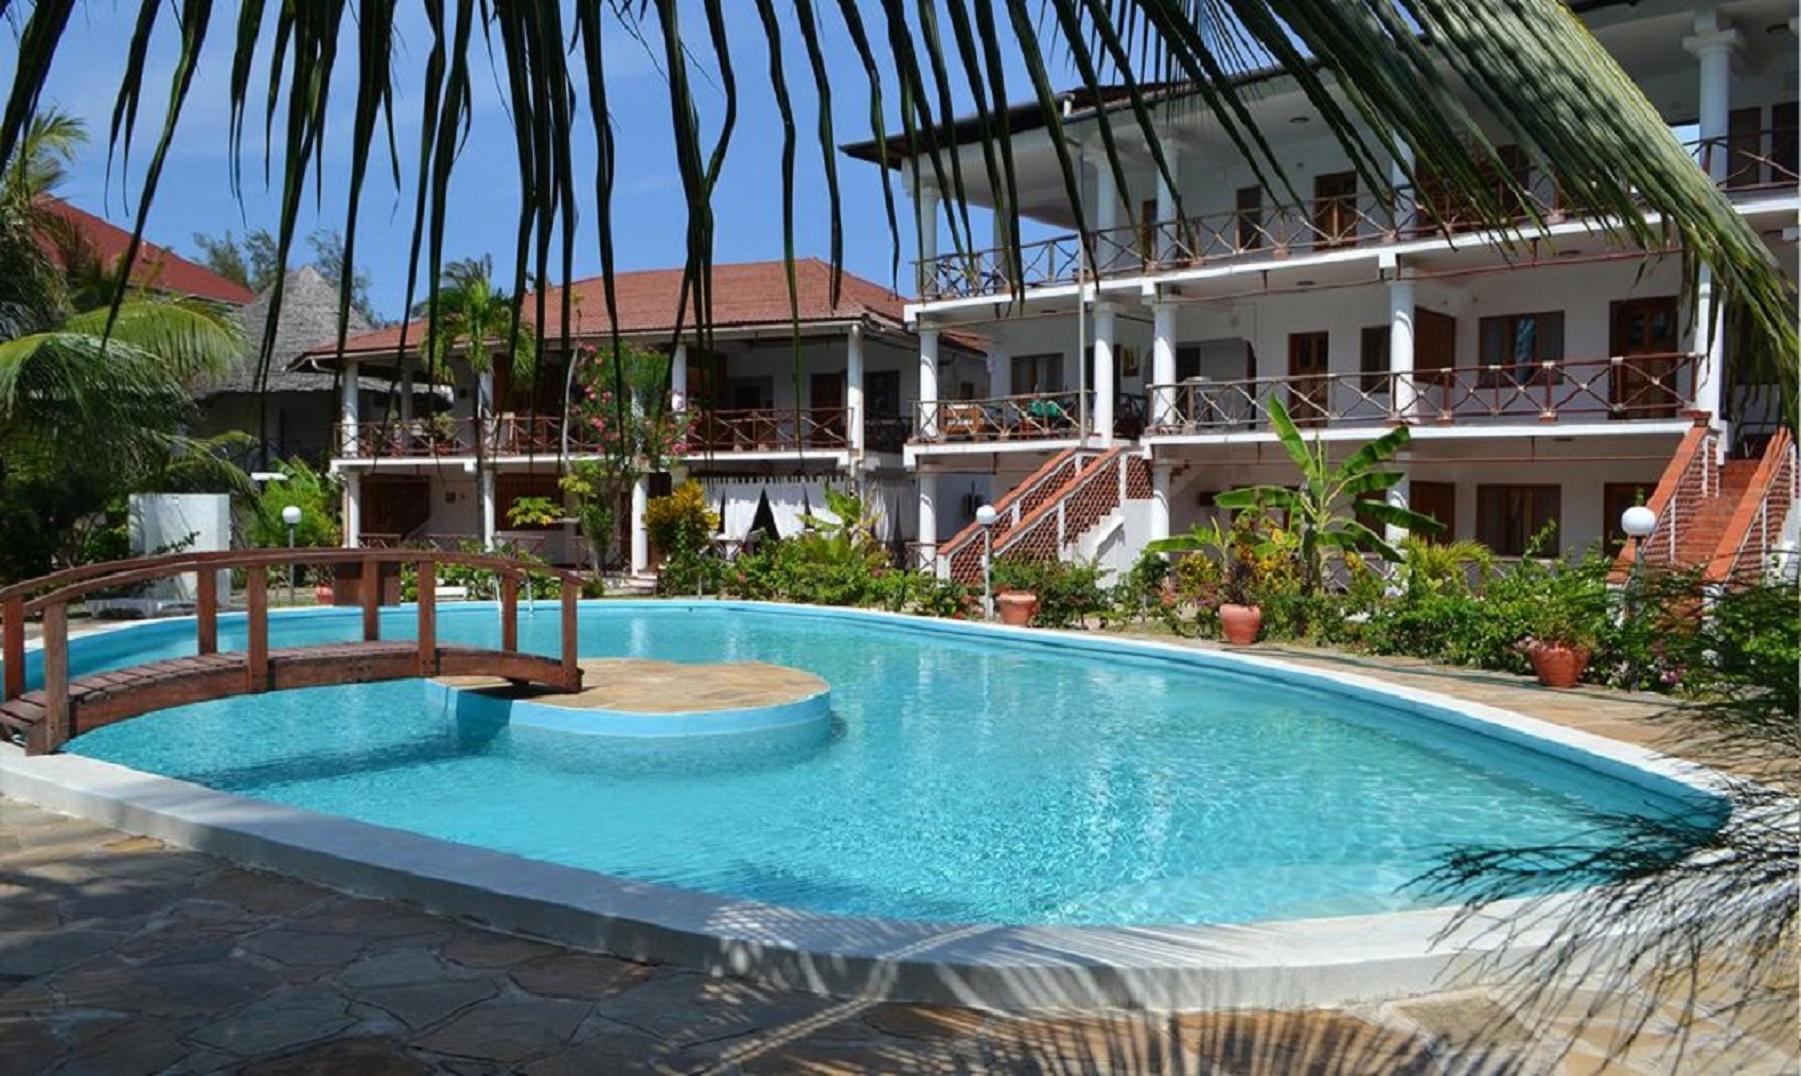 Ascot Residence nur 2 Minuten zu Fus vom weisen Sa  in Kenia